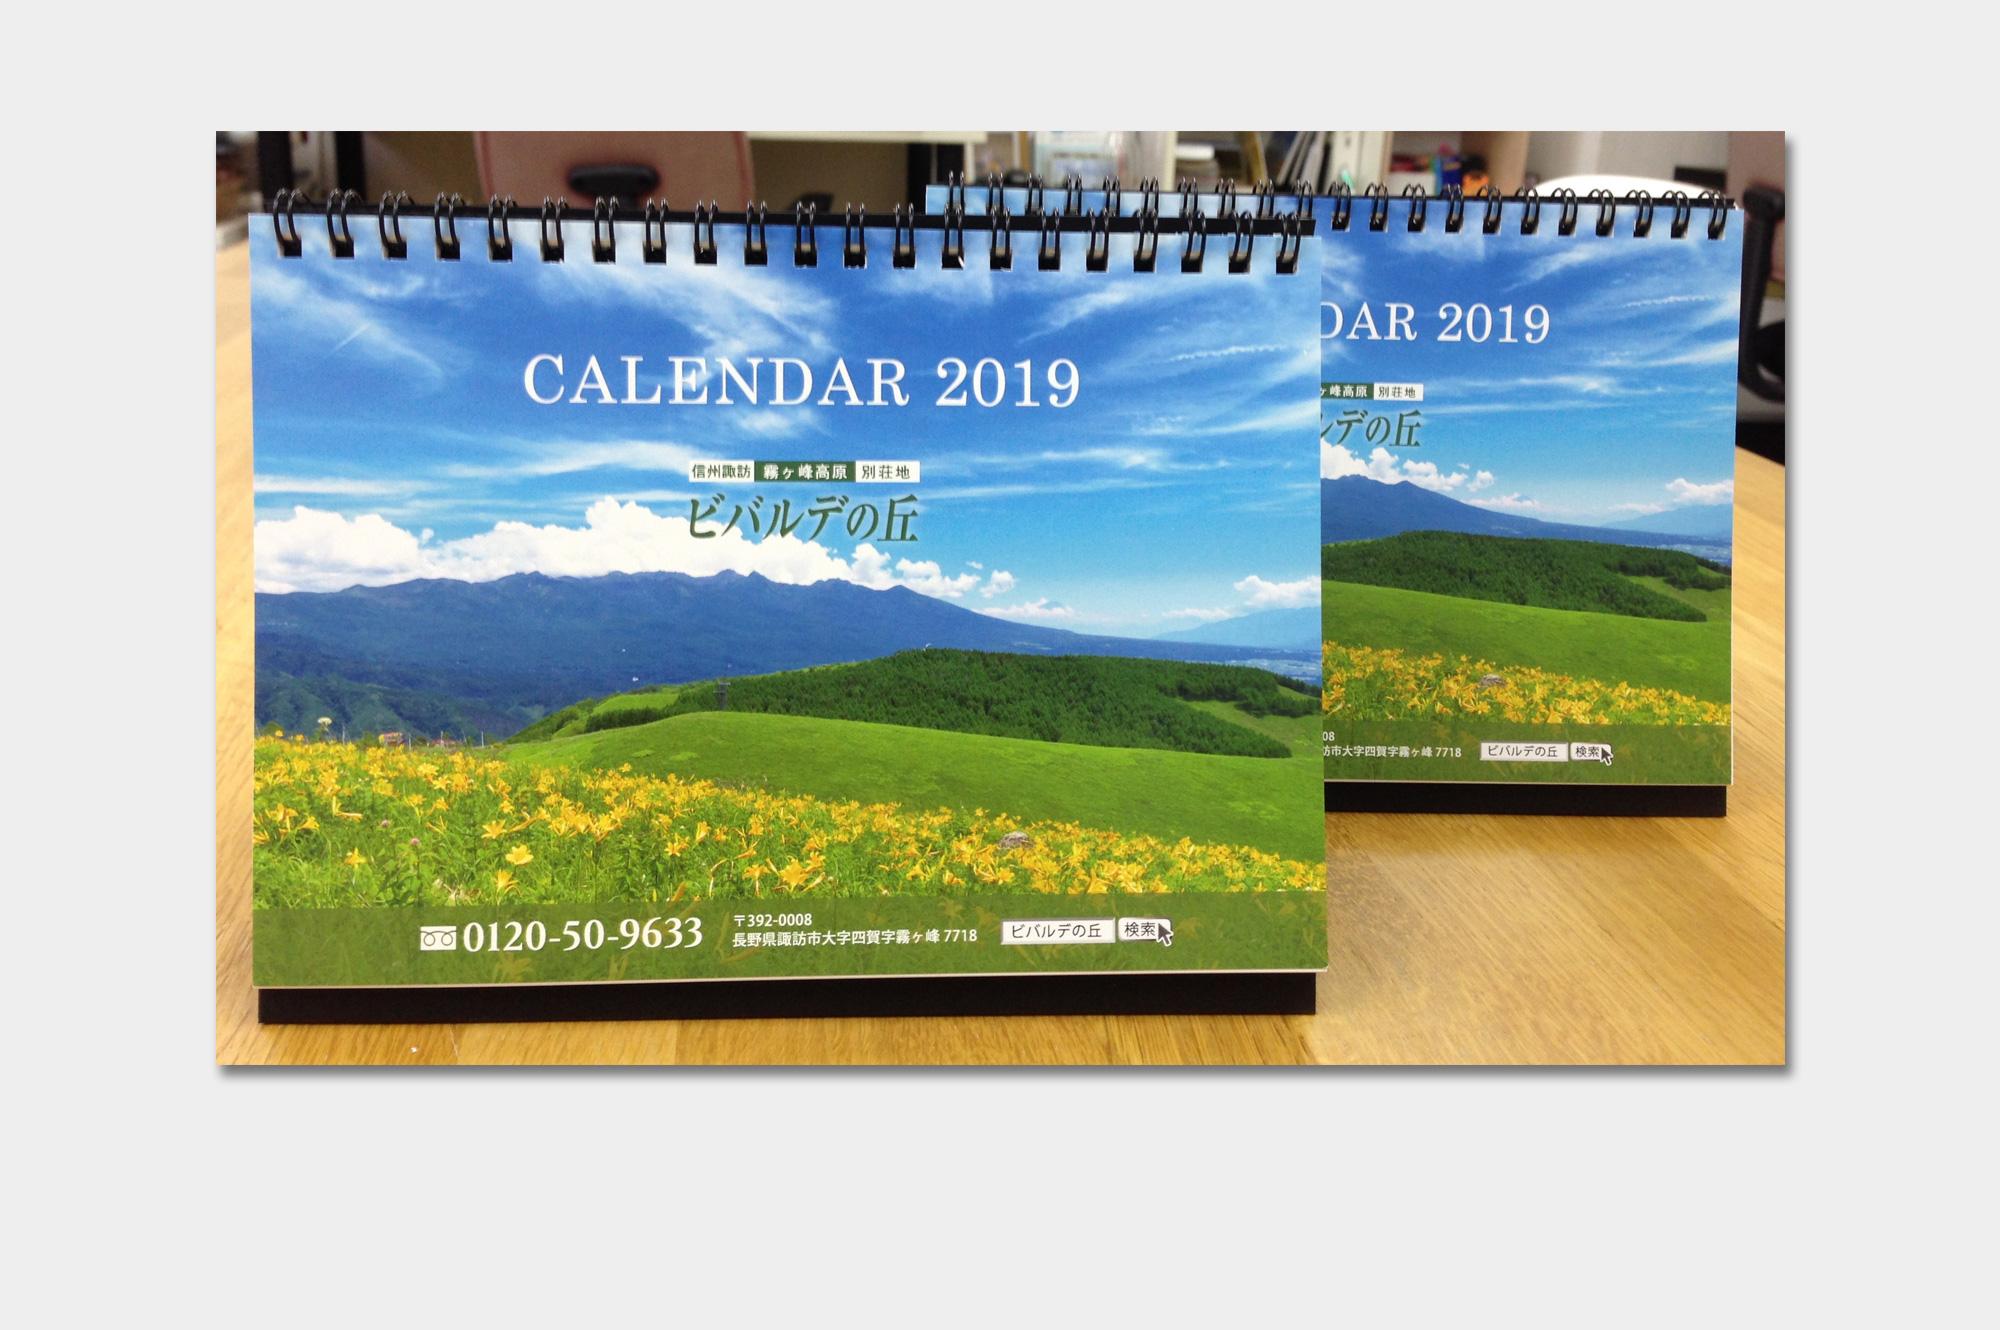 卓上カレンダー(ビバルデの丘様)